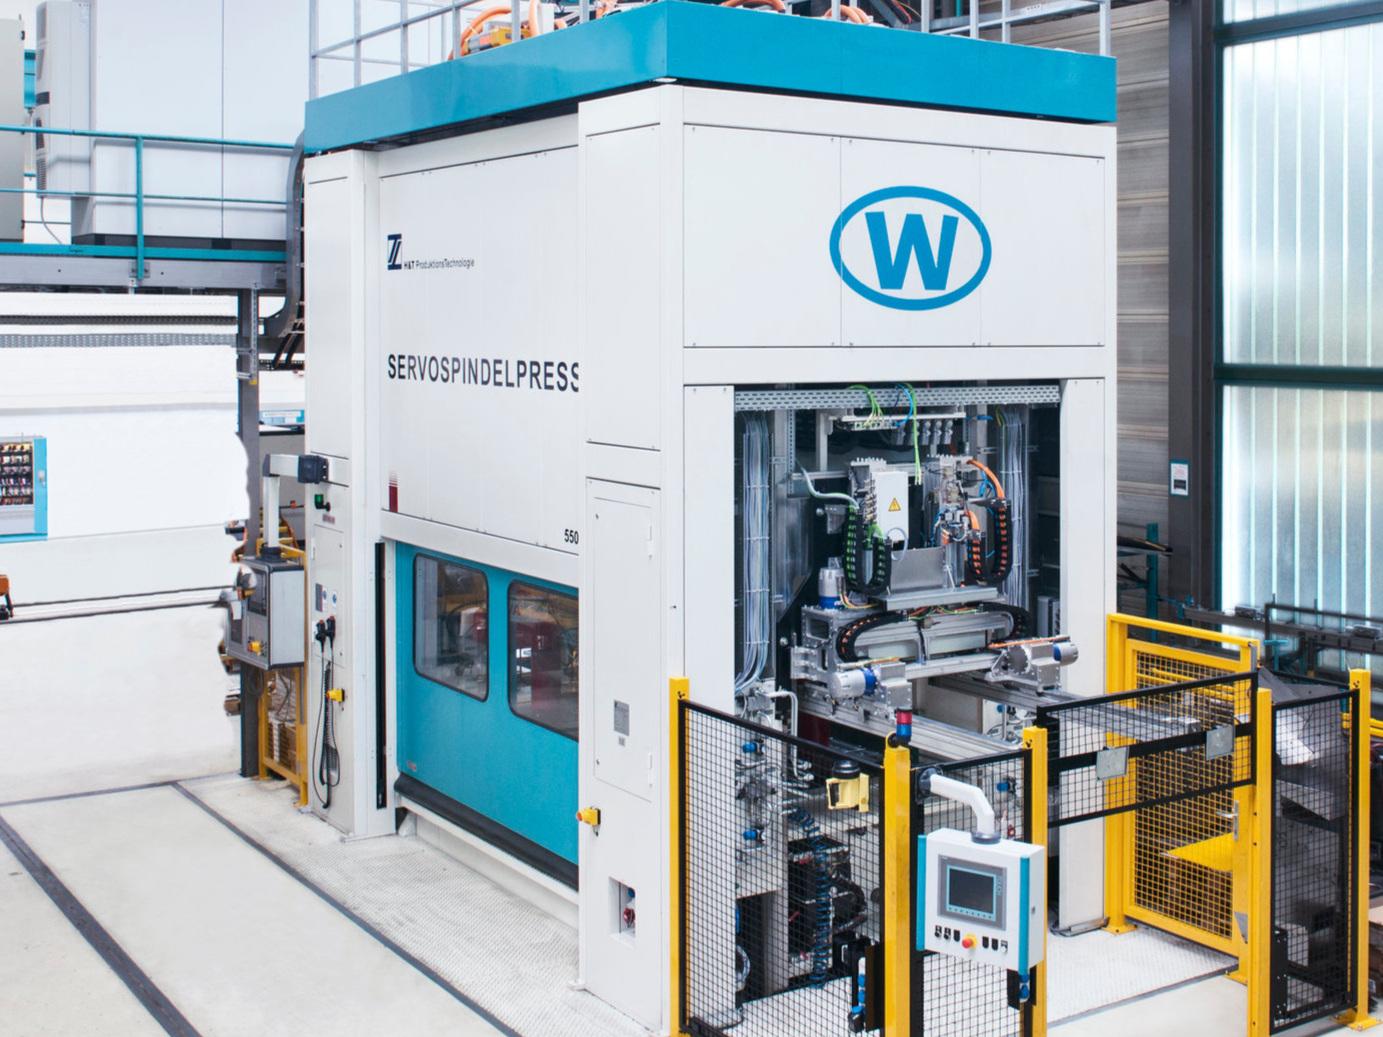 ServoSpindelPresse gebaut von unserem Schwesterunternehmen H&T ProduktionsTechnologie